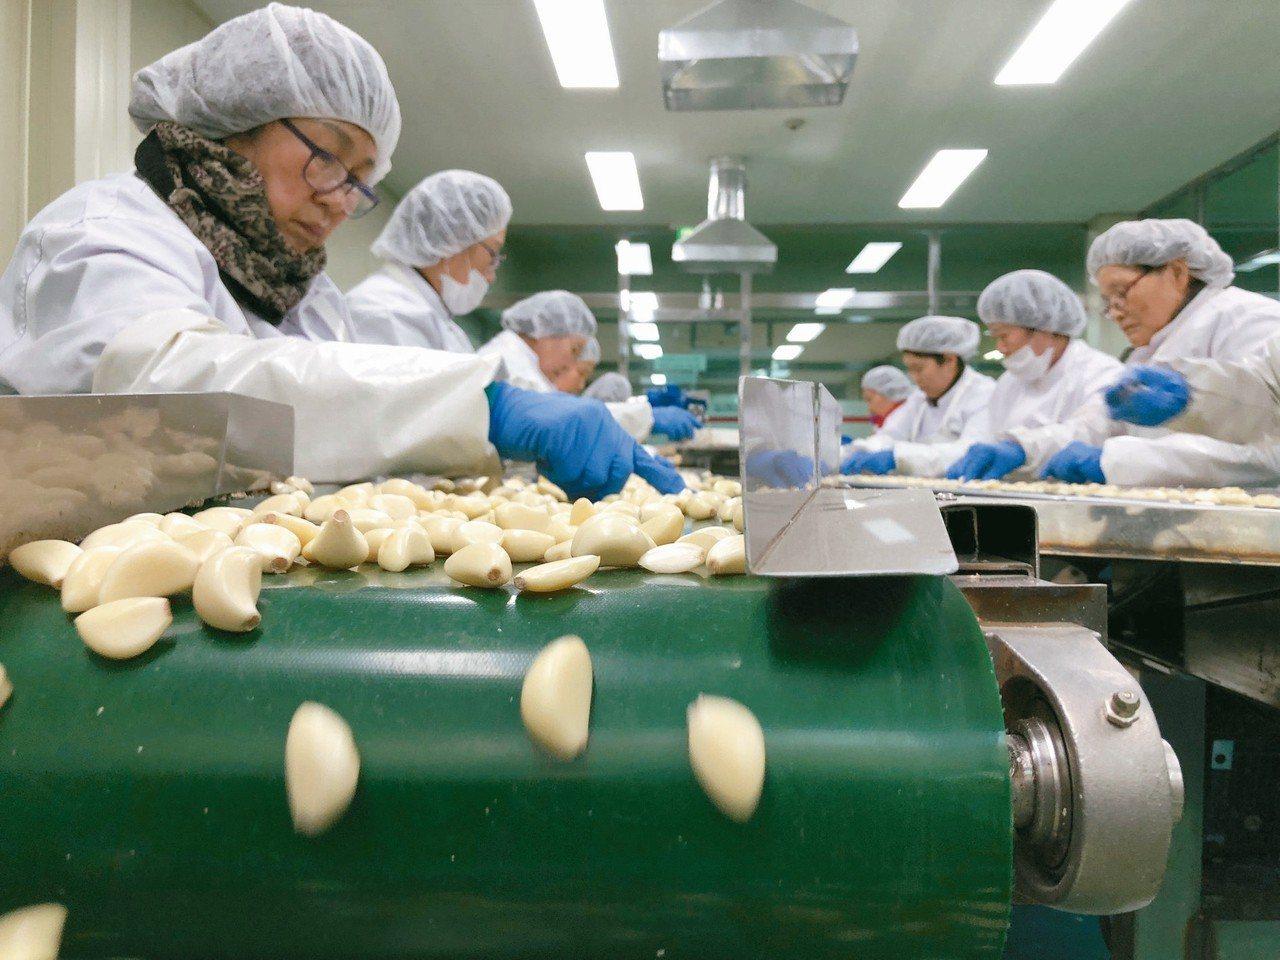 南韓60歲以上已受雇和正在找工作的人口數,已超越20多歲族群。圖為一群女工在南韓...